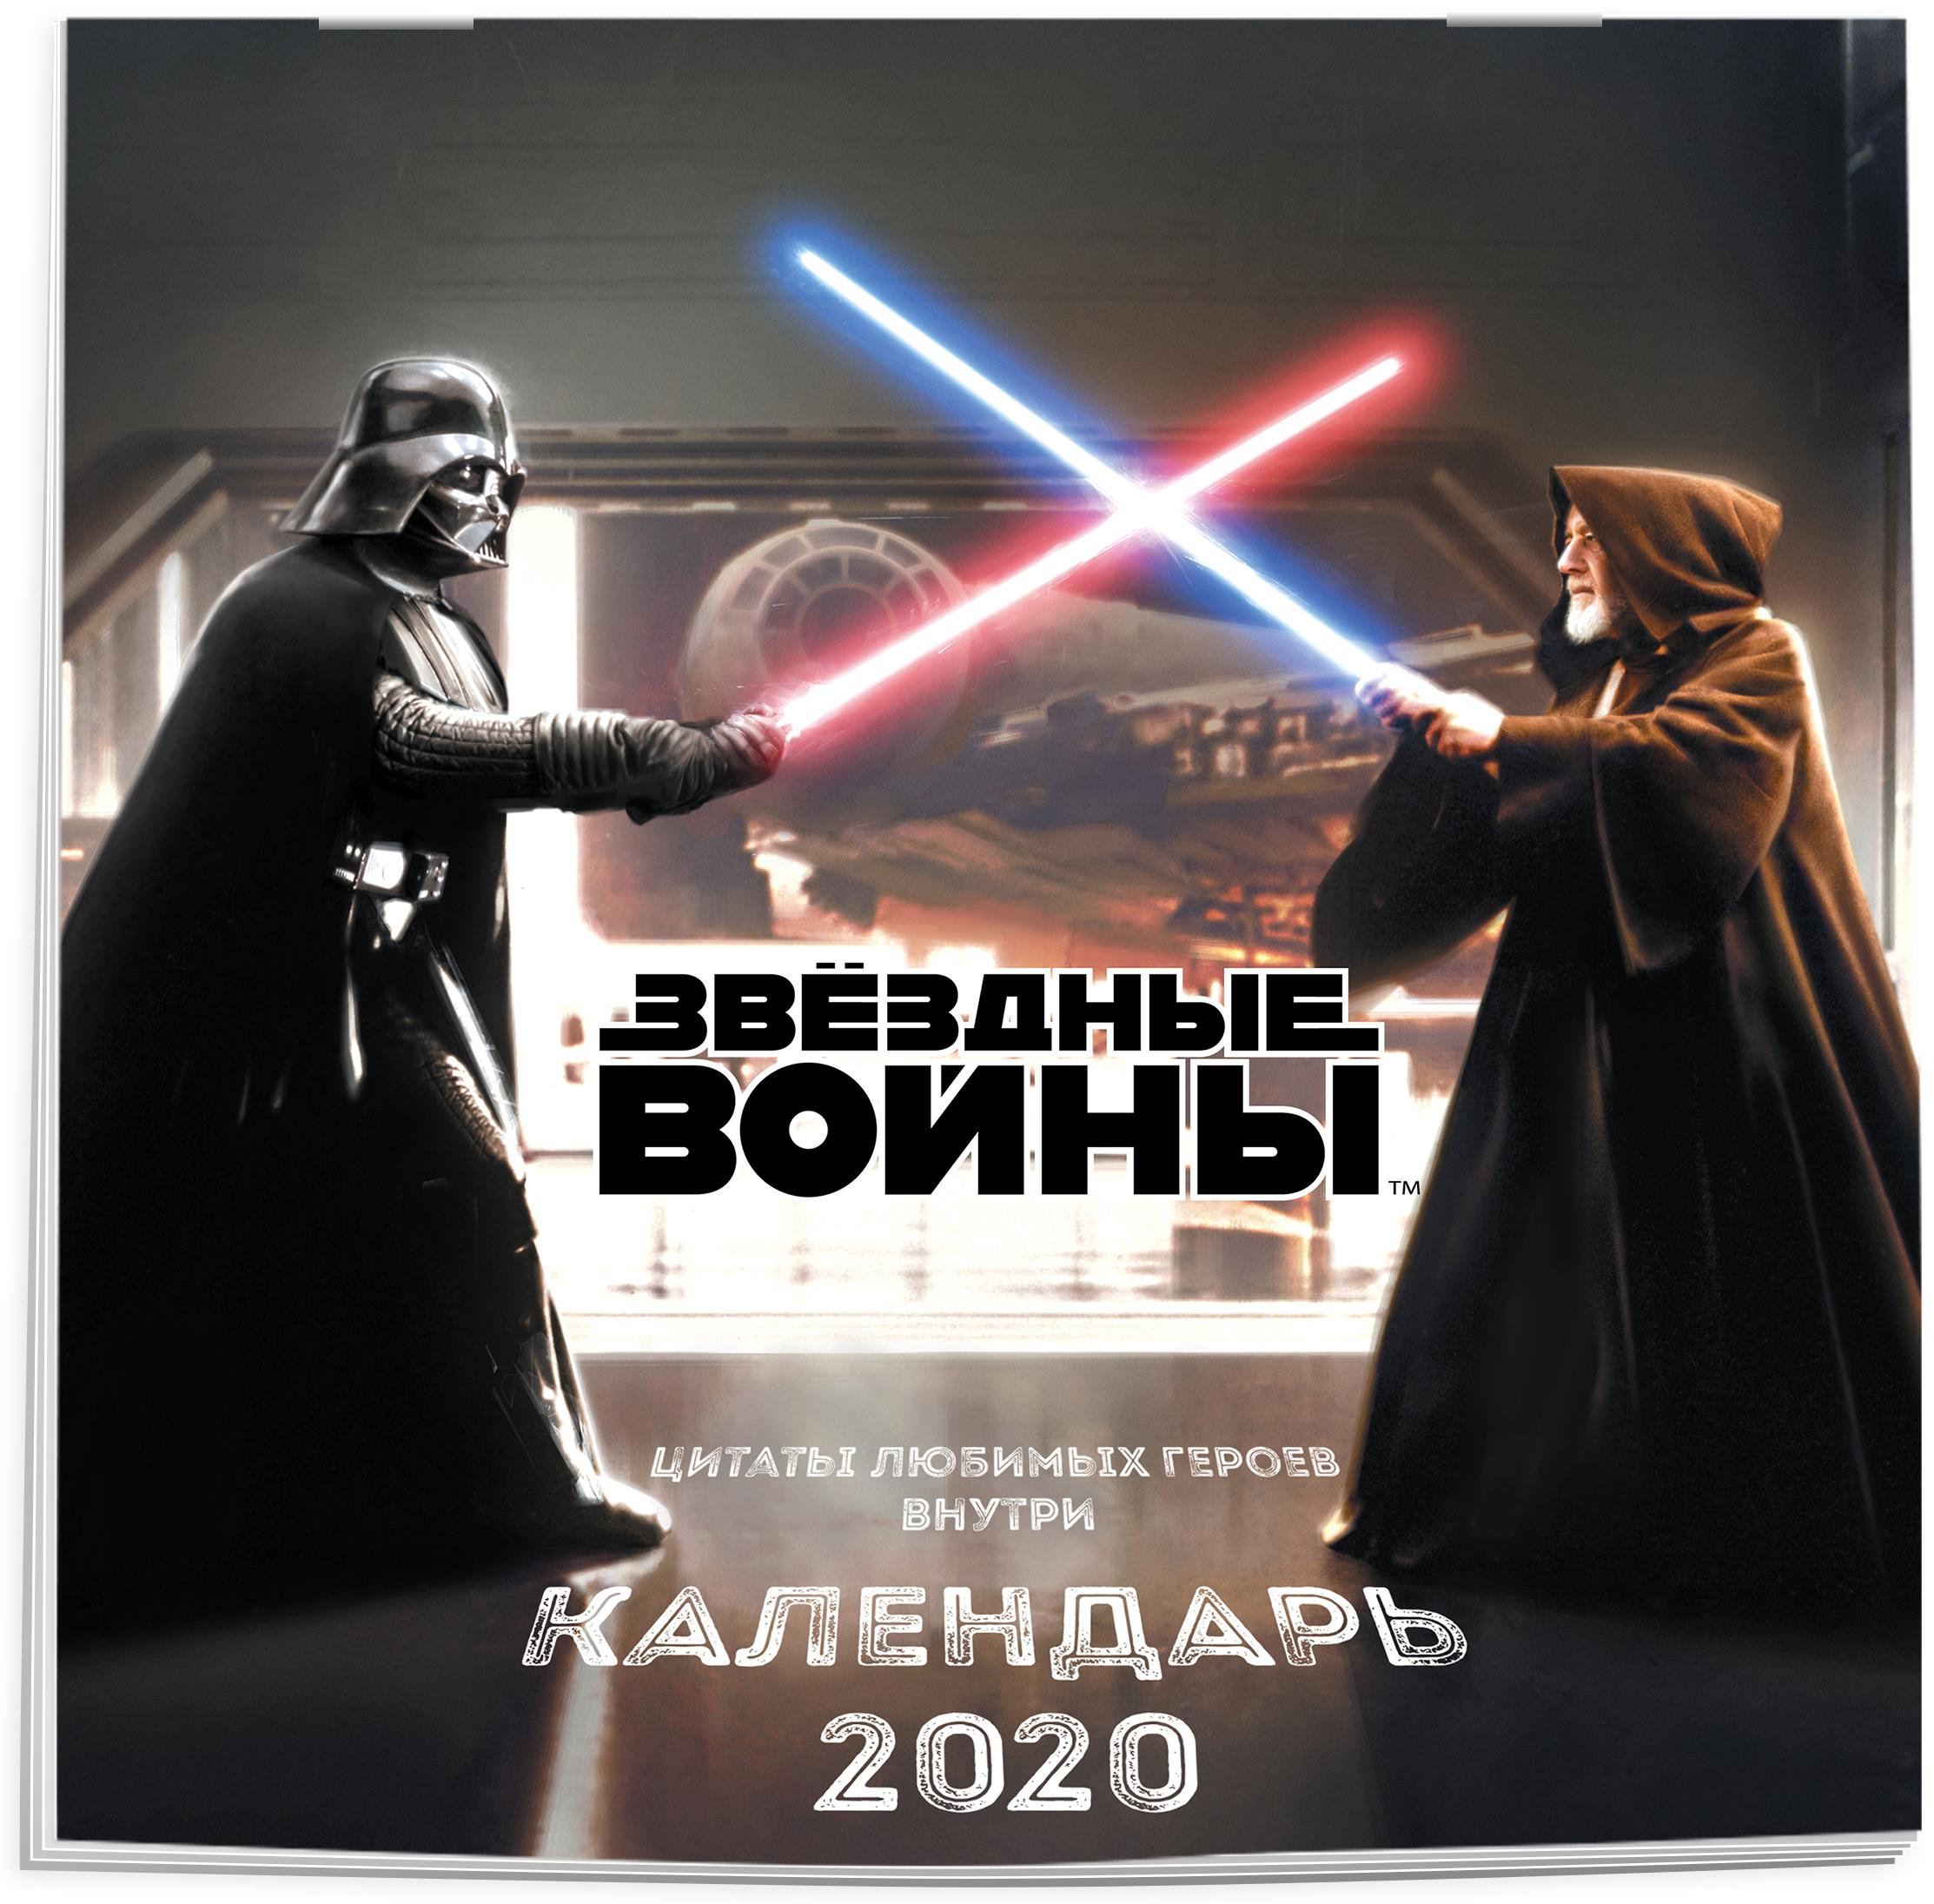 Звёздные войны. Календарь настенный на 2020 год (300х300 мм) календарь бросающего курить со всеми симптомами на год вперед